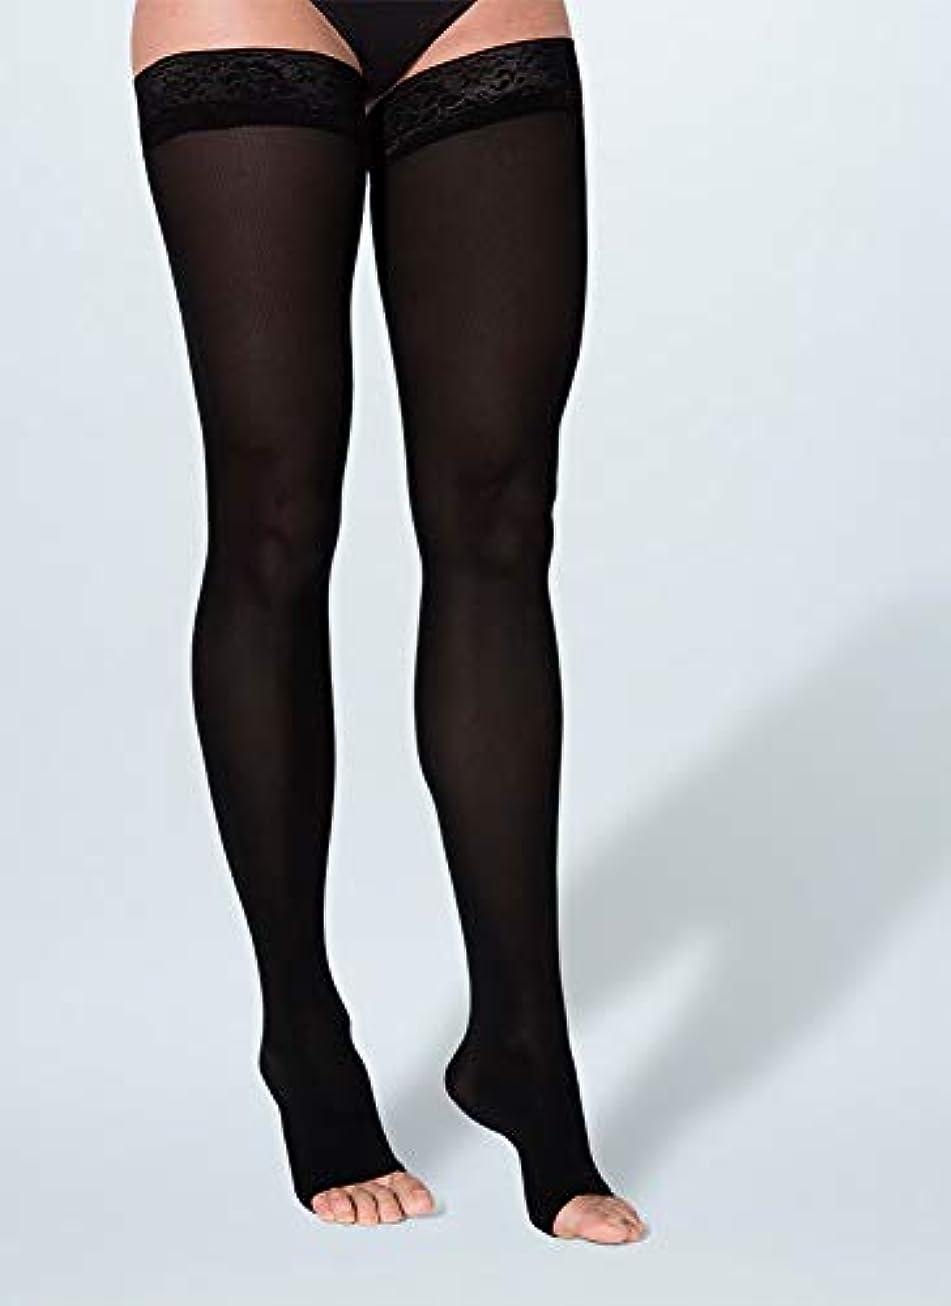 おとこ広告する犠牲Sigvaris Soft Opaque 843NLSO99 30-40 mmHg Womens Open Toe Thigh, Black, Large-Short by Sigvaris